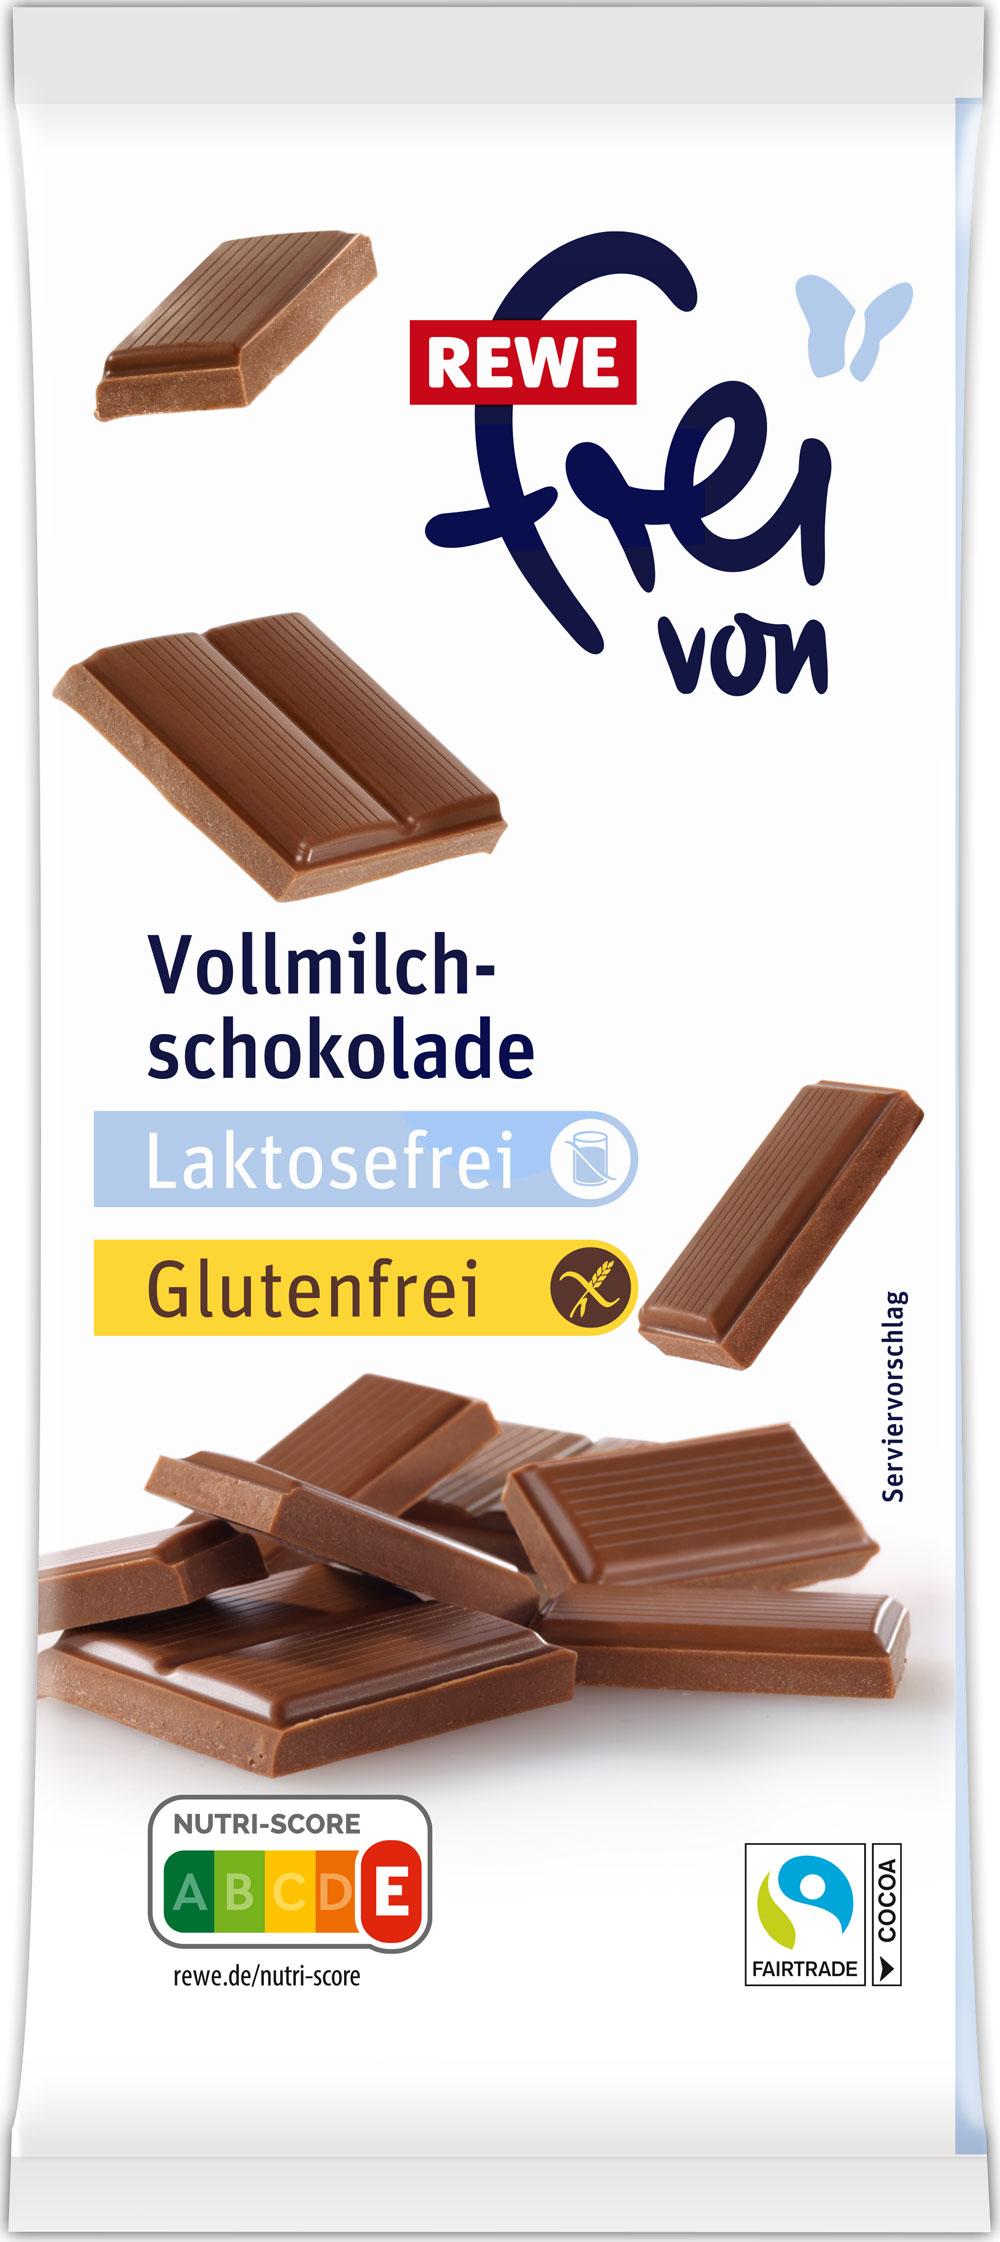 Laktosefreie Vollmilchschokolade